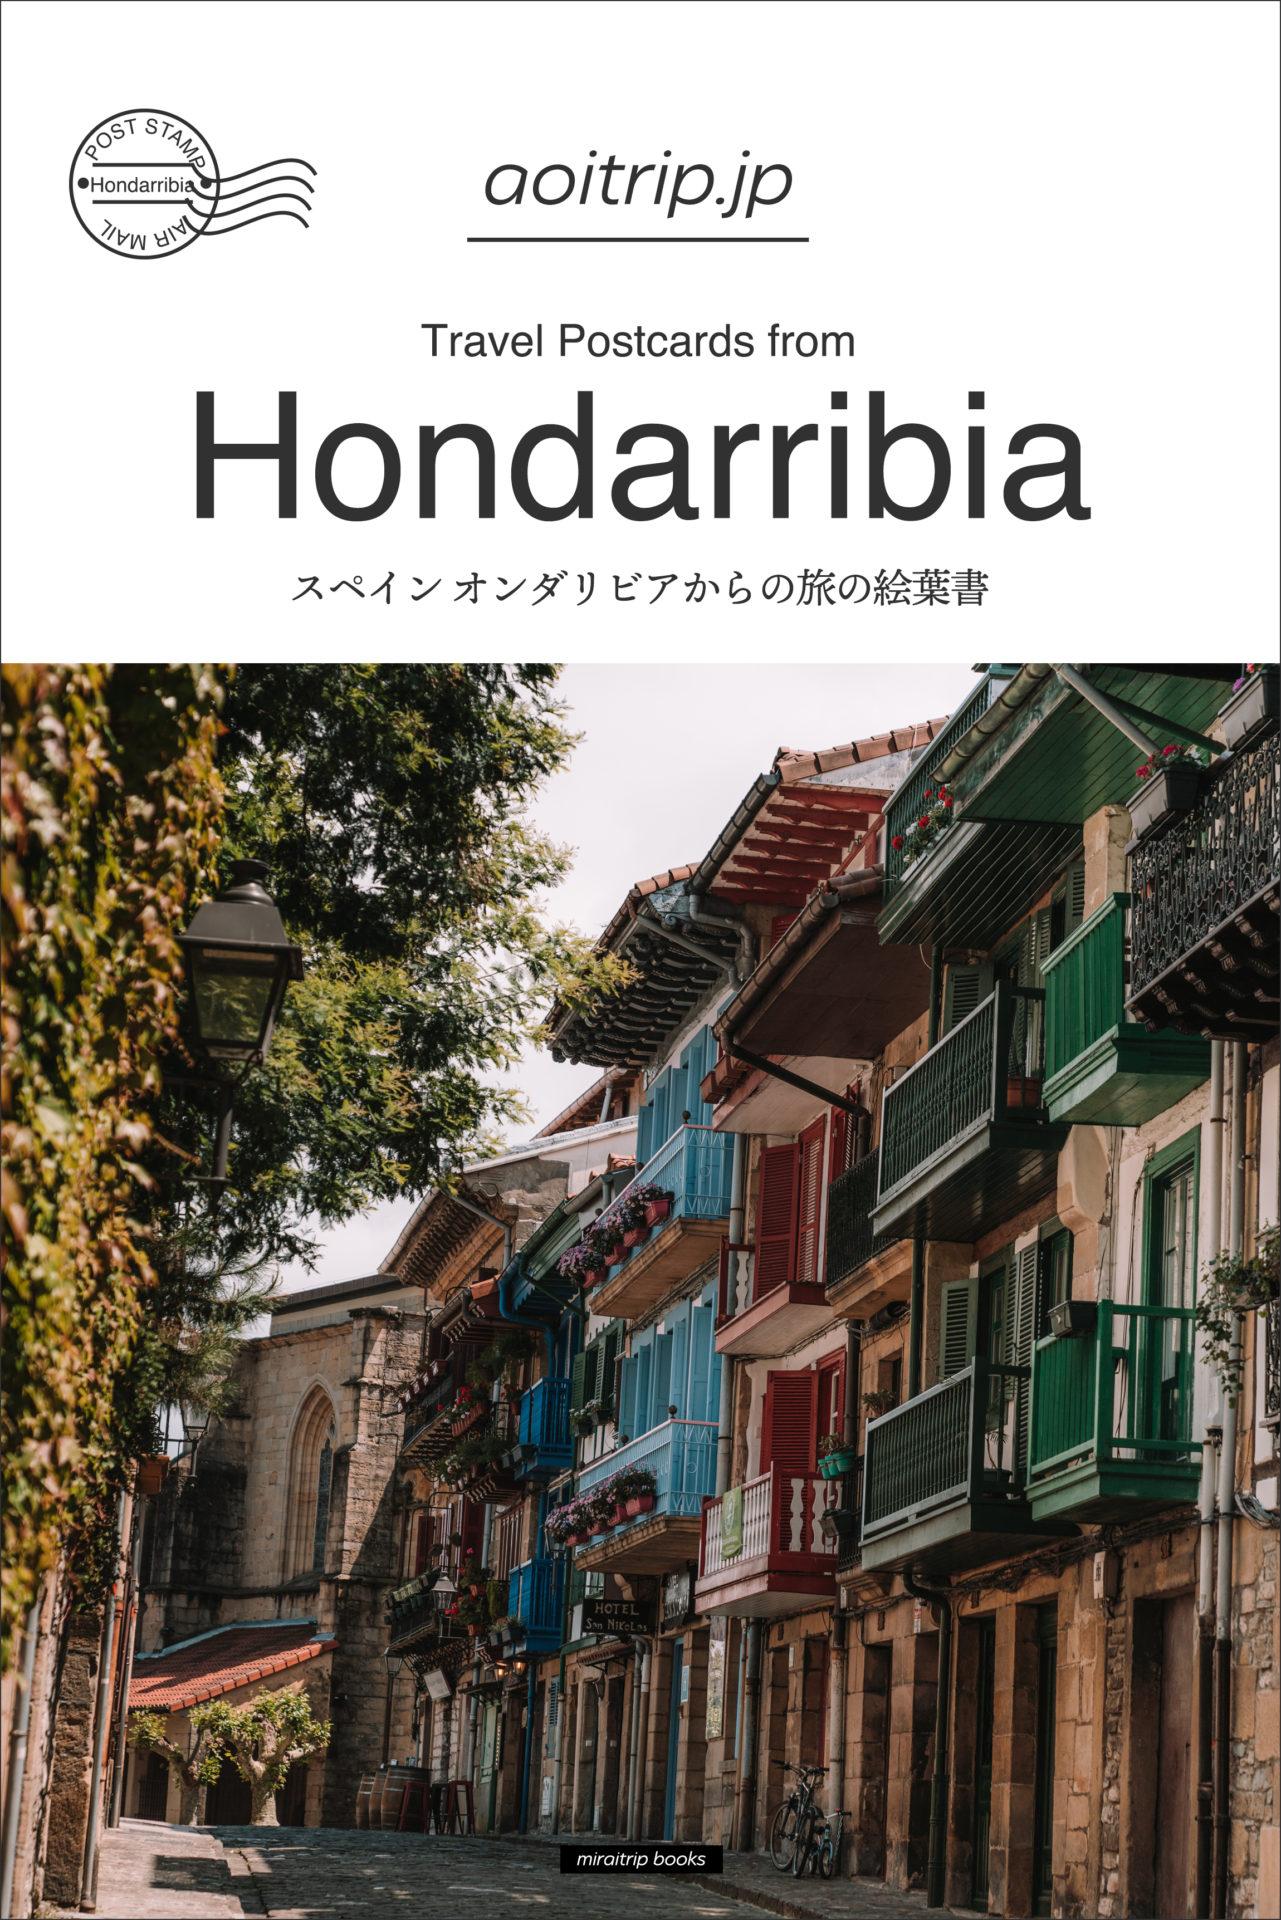 スペイン オンダリビアからの旅の絵葉書 Travel Postcards from Hondarribia, Spain